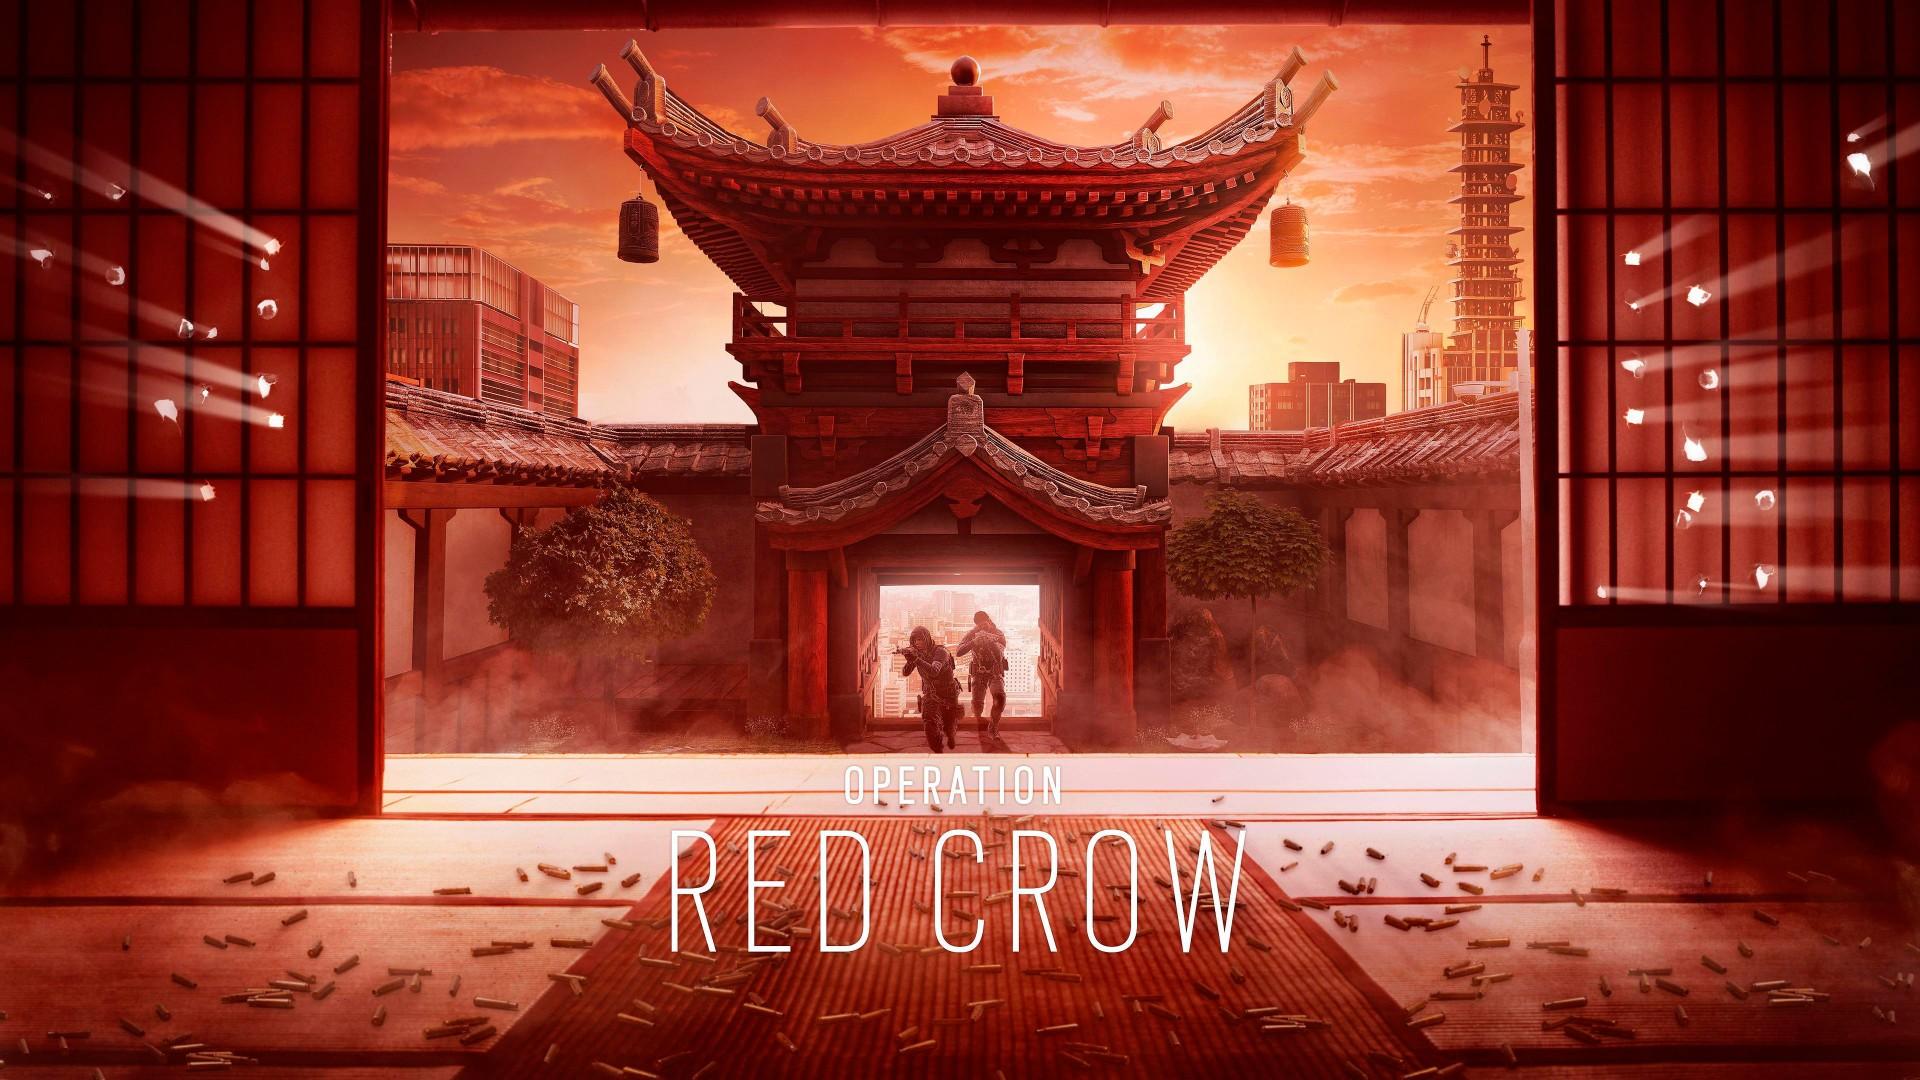 Tom Clancys Rainbow Six Siege Operation Red Crow